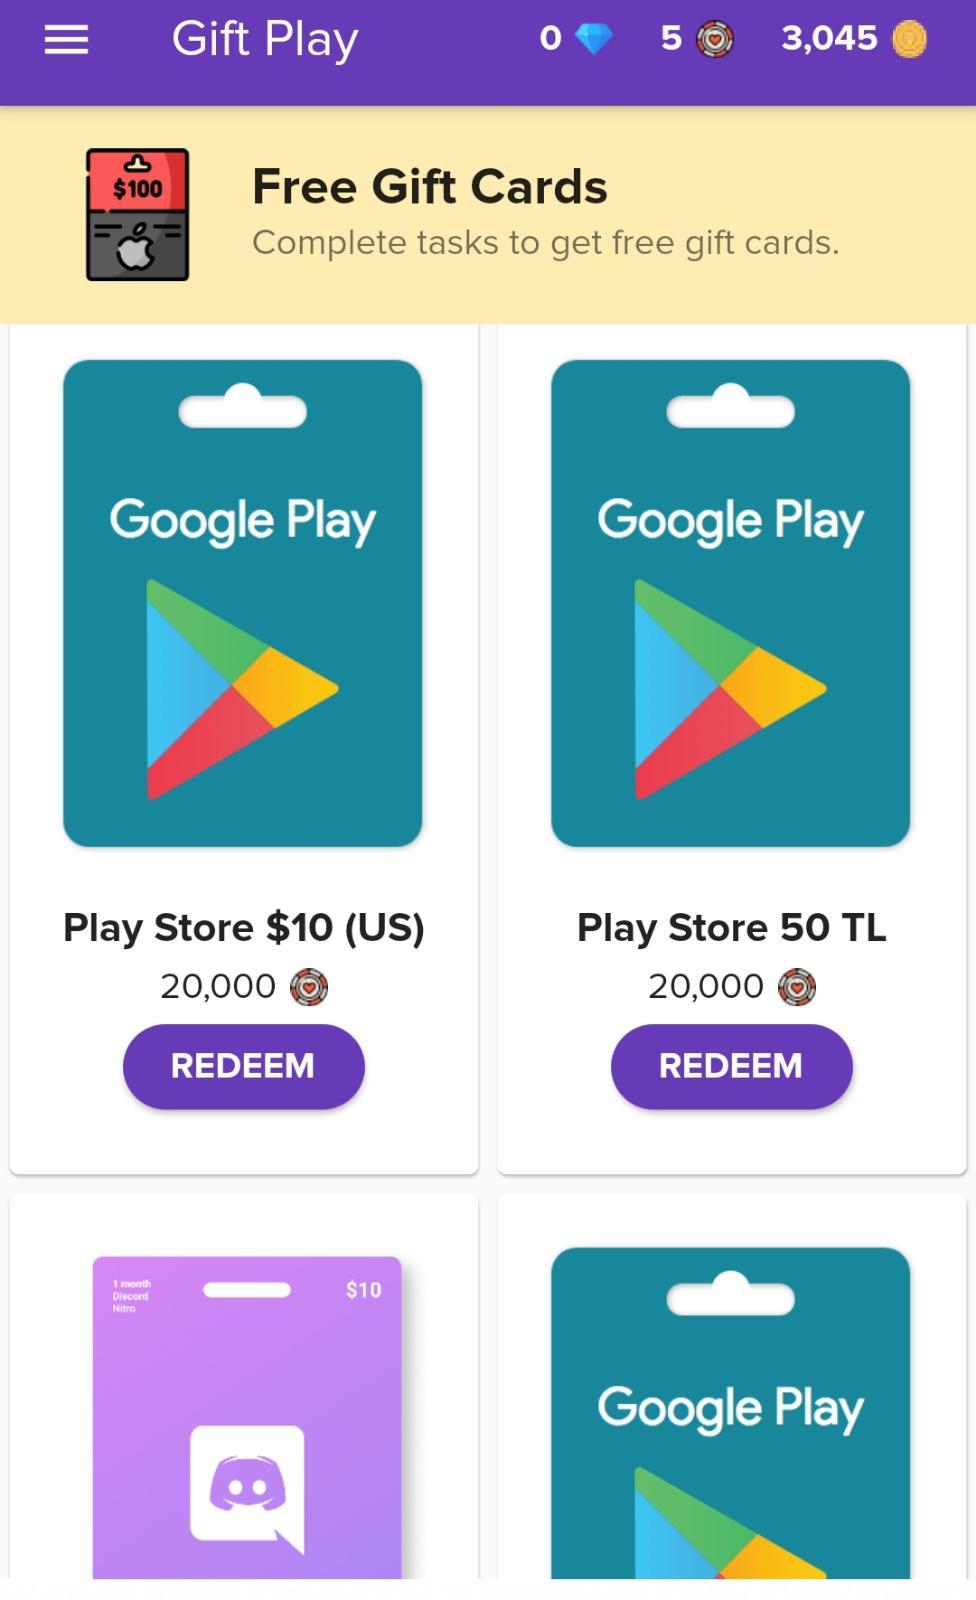 تطبيق جديد خرافي لربح بطاقات جوجل بلاي مجانا 2021 + شدات ببجي مجانا 2021 + جواهر فري فاير 2021 + بطاقات امازون وايتونز